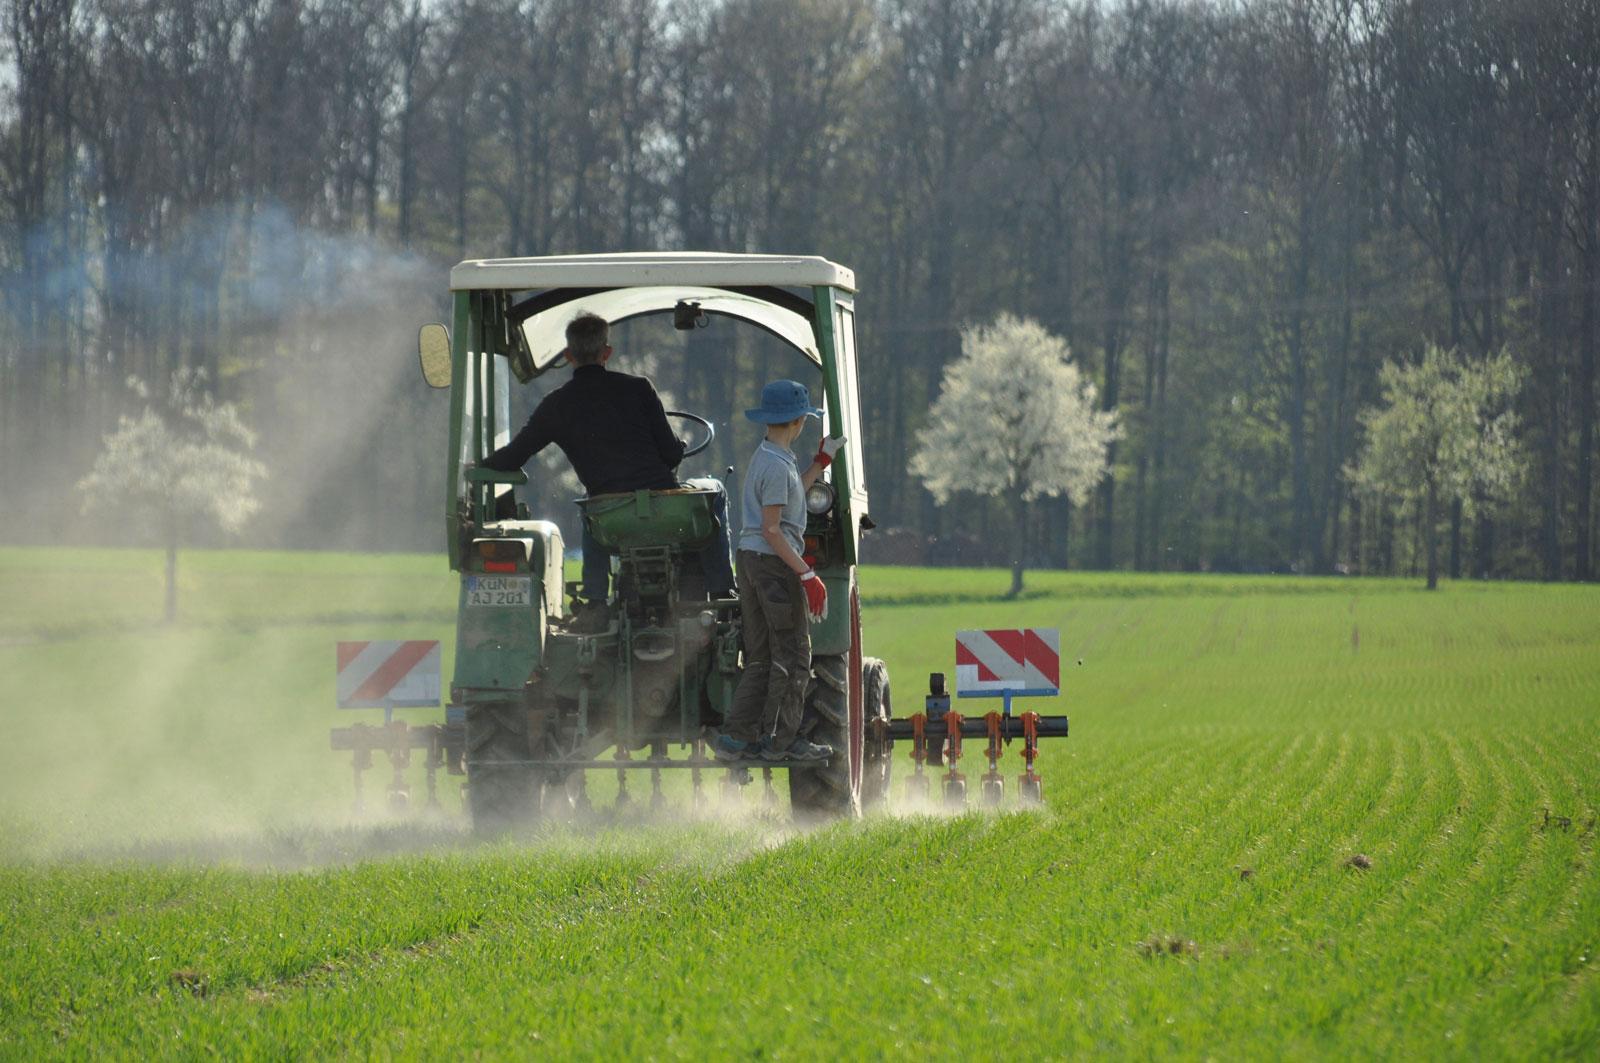 Schonende_Landwirtschaft_Hacke_statt_Striegel